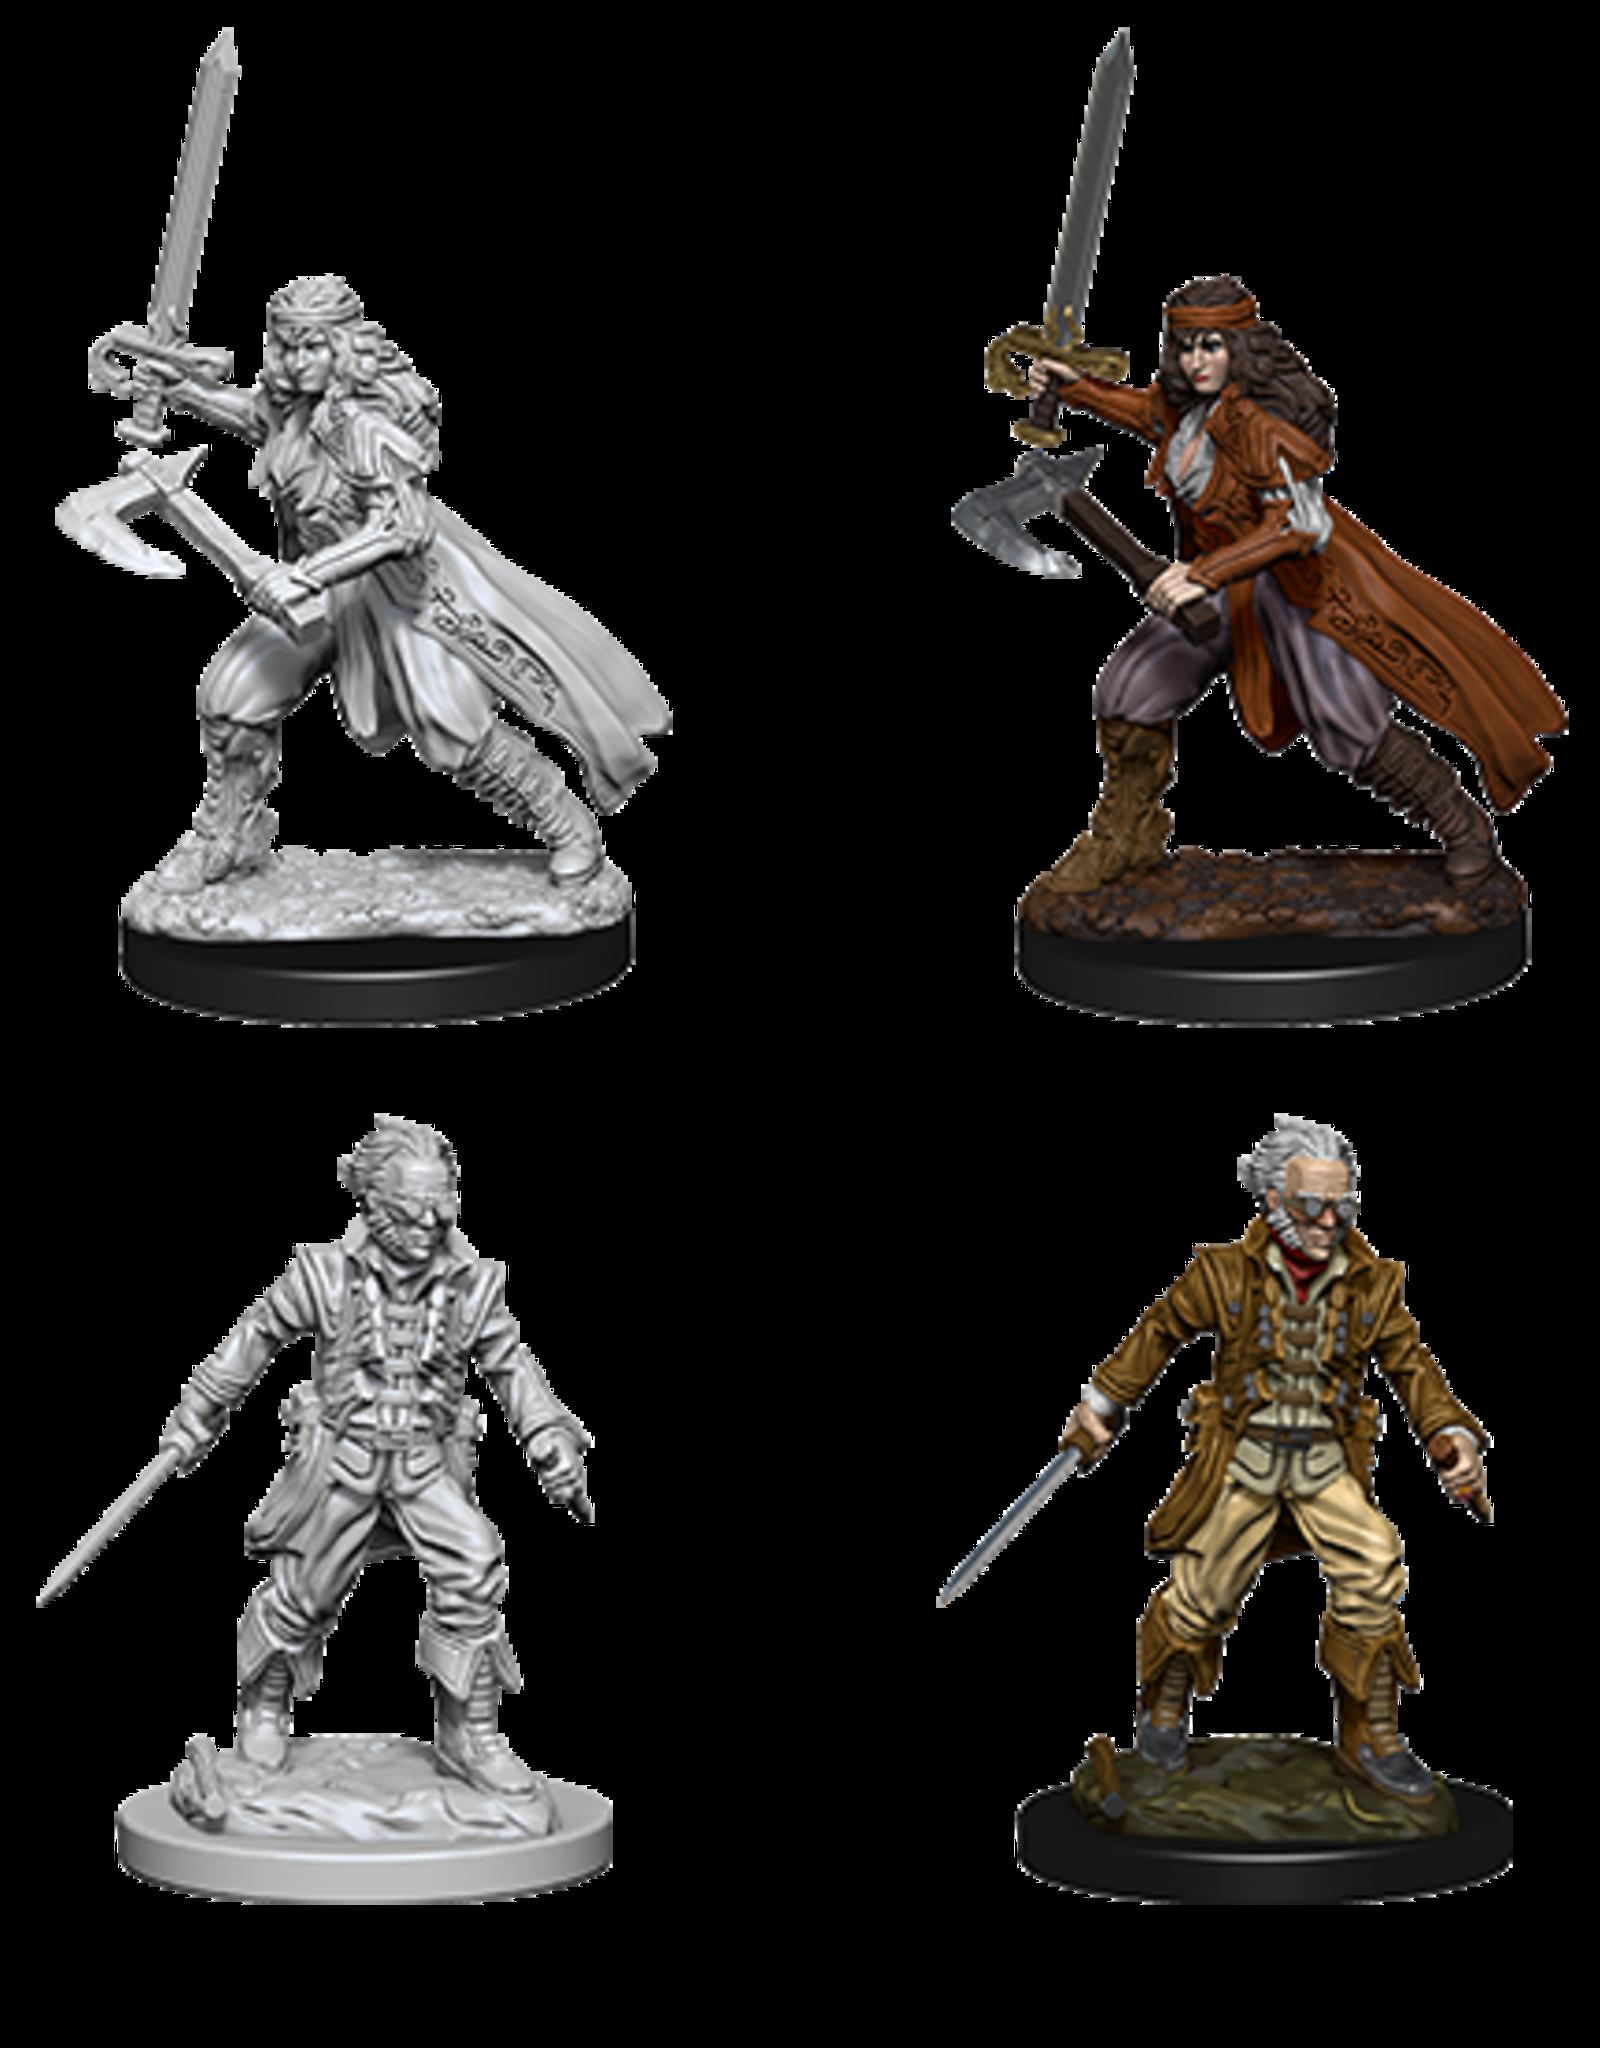 Nolzur's Marvelous Miniatures D&D D&D NMU - Vampire Hunters